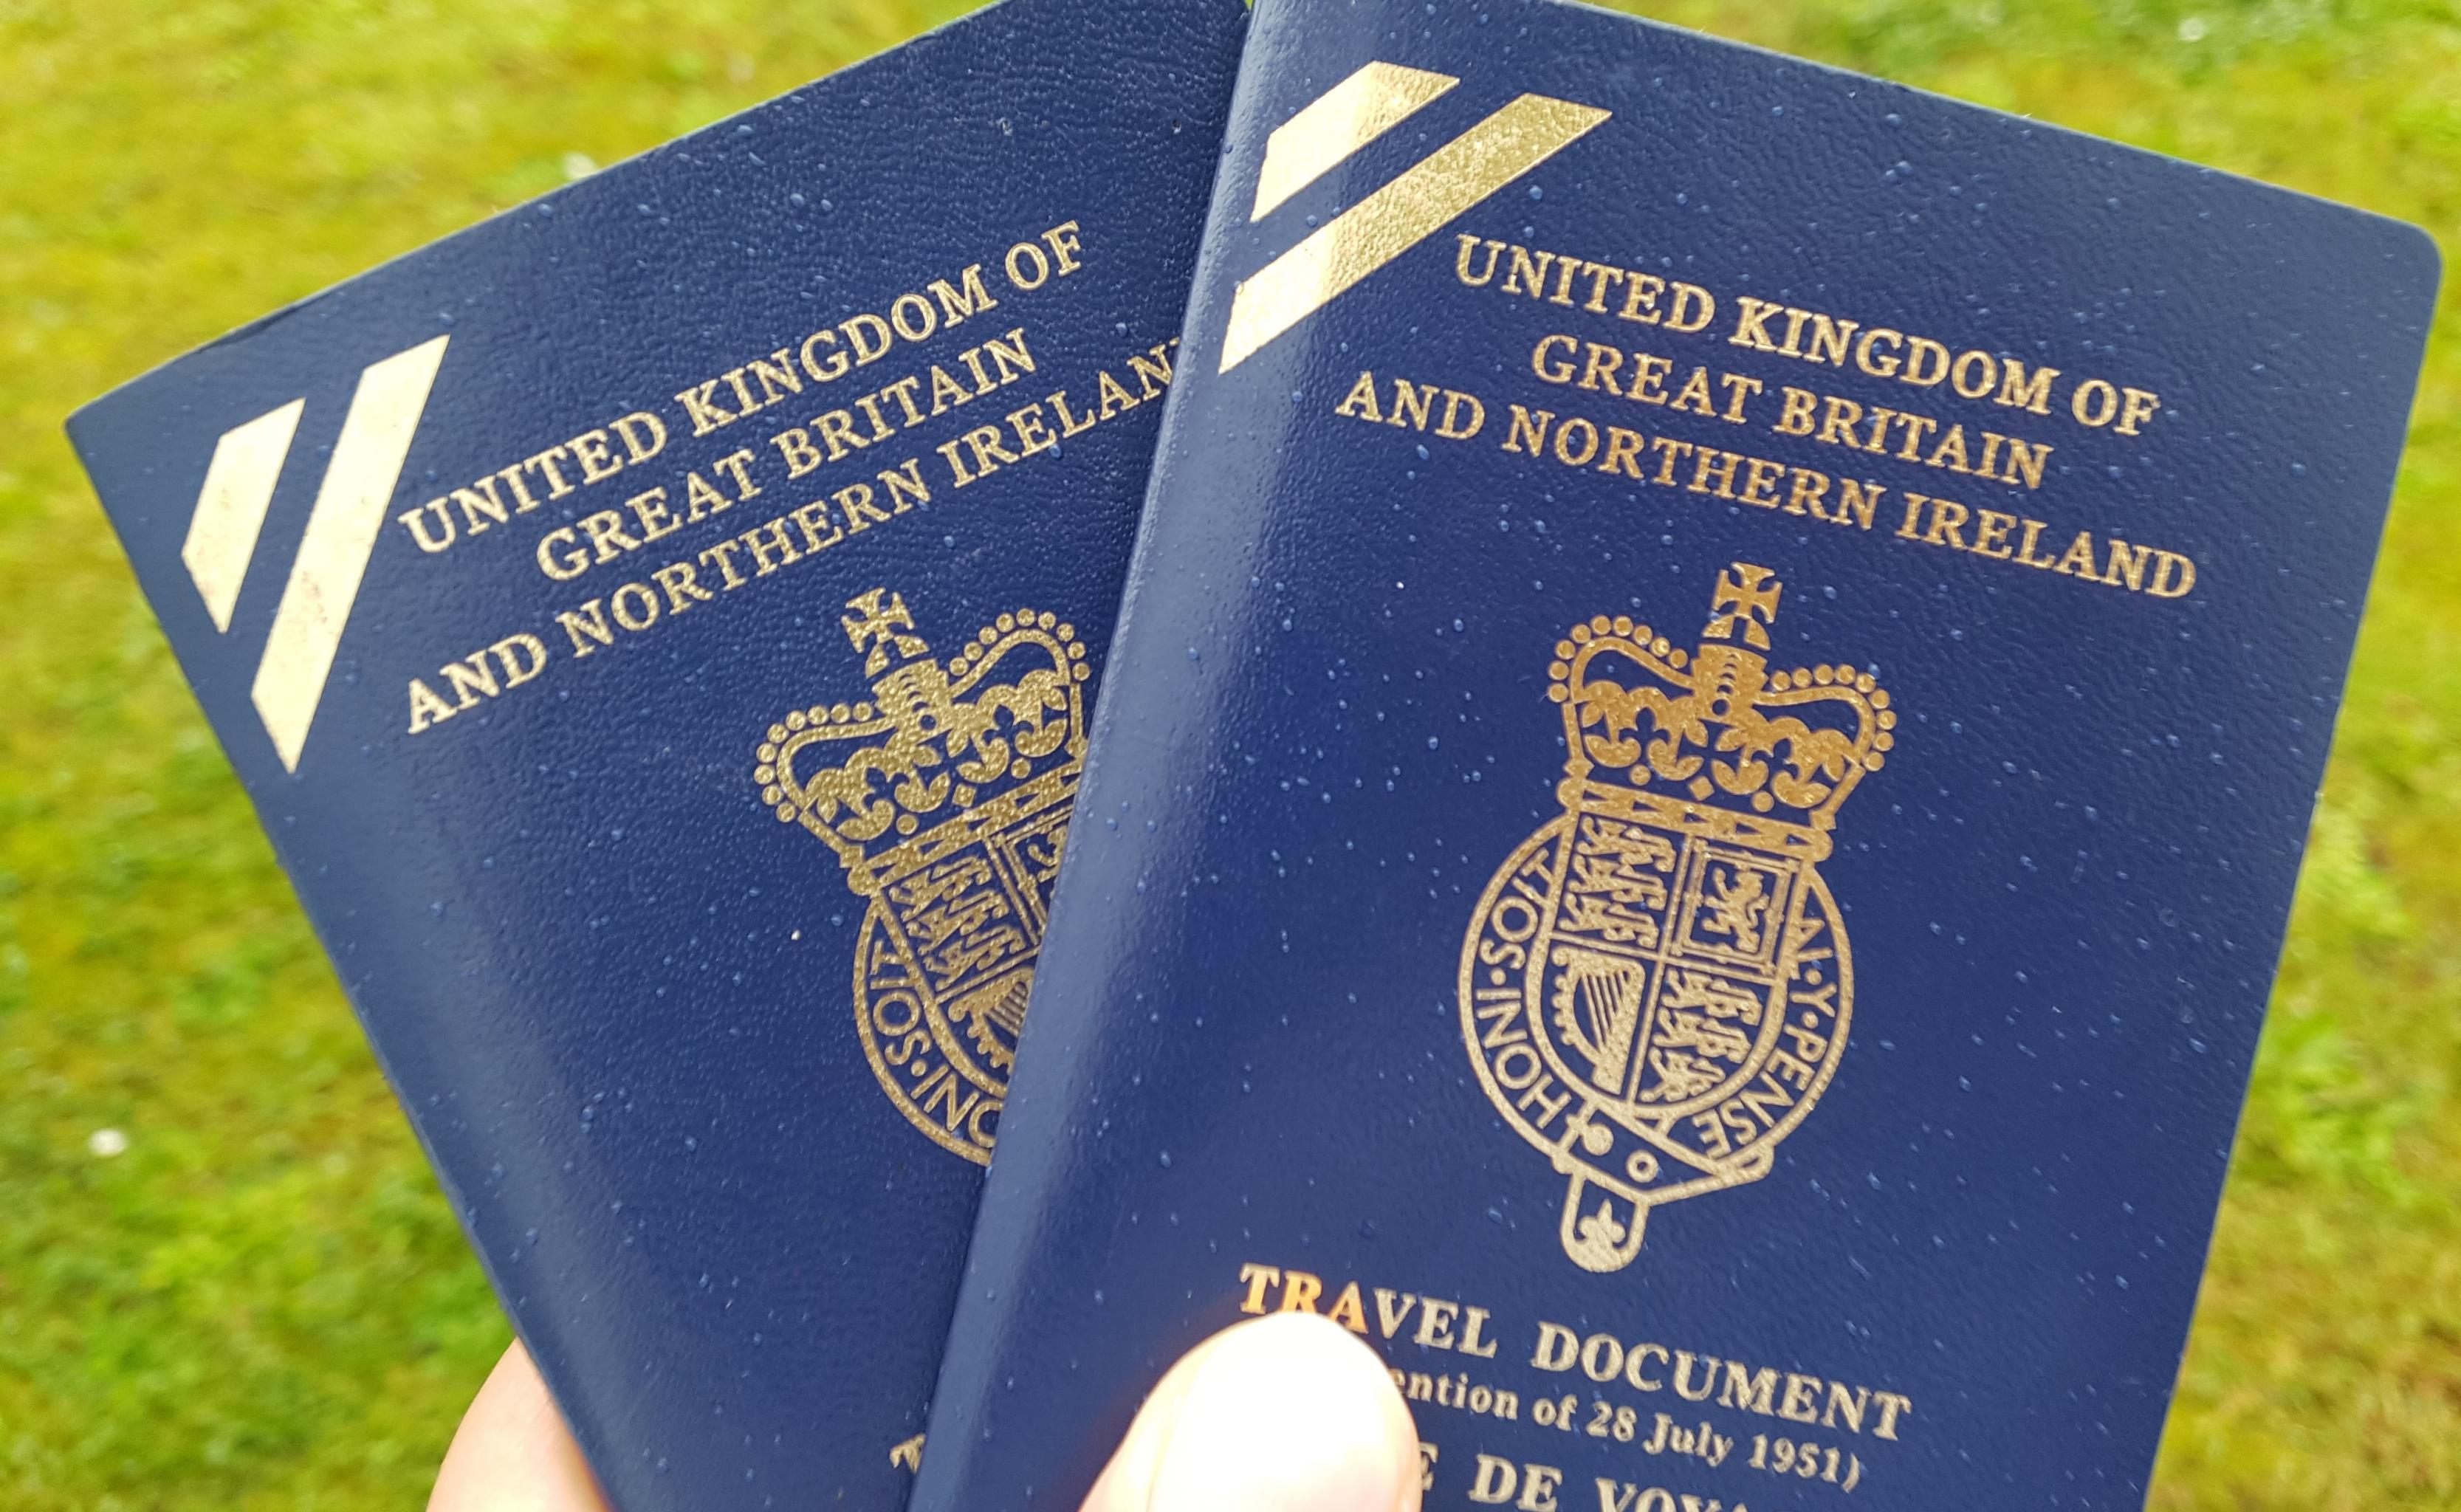 بالصور صور جواز سفر , صور مجموعة جوازات السفر جميع الدول 2954 3